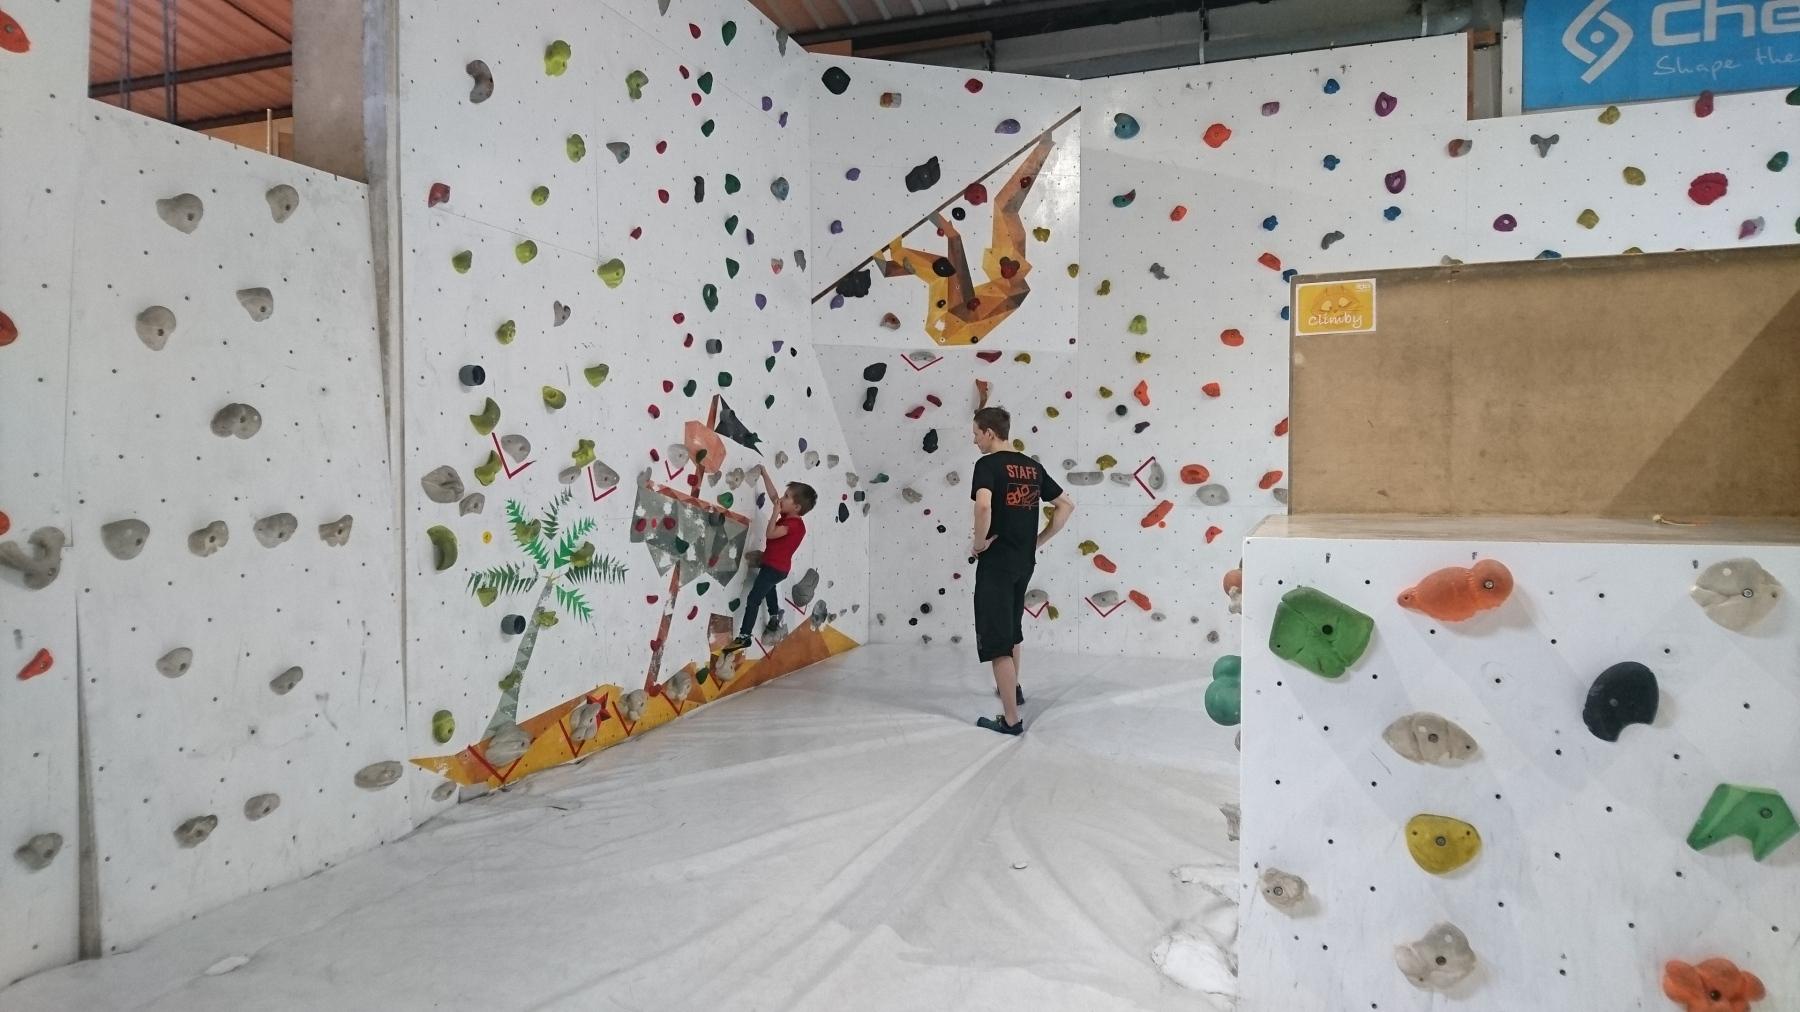 cours d'escalade enfant en salle de bloc SOLO Escalade